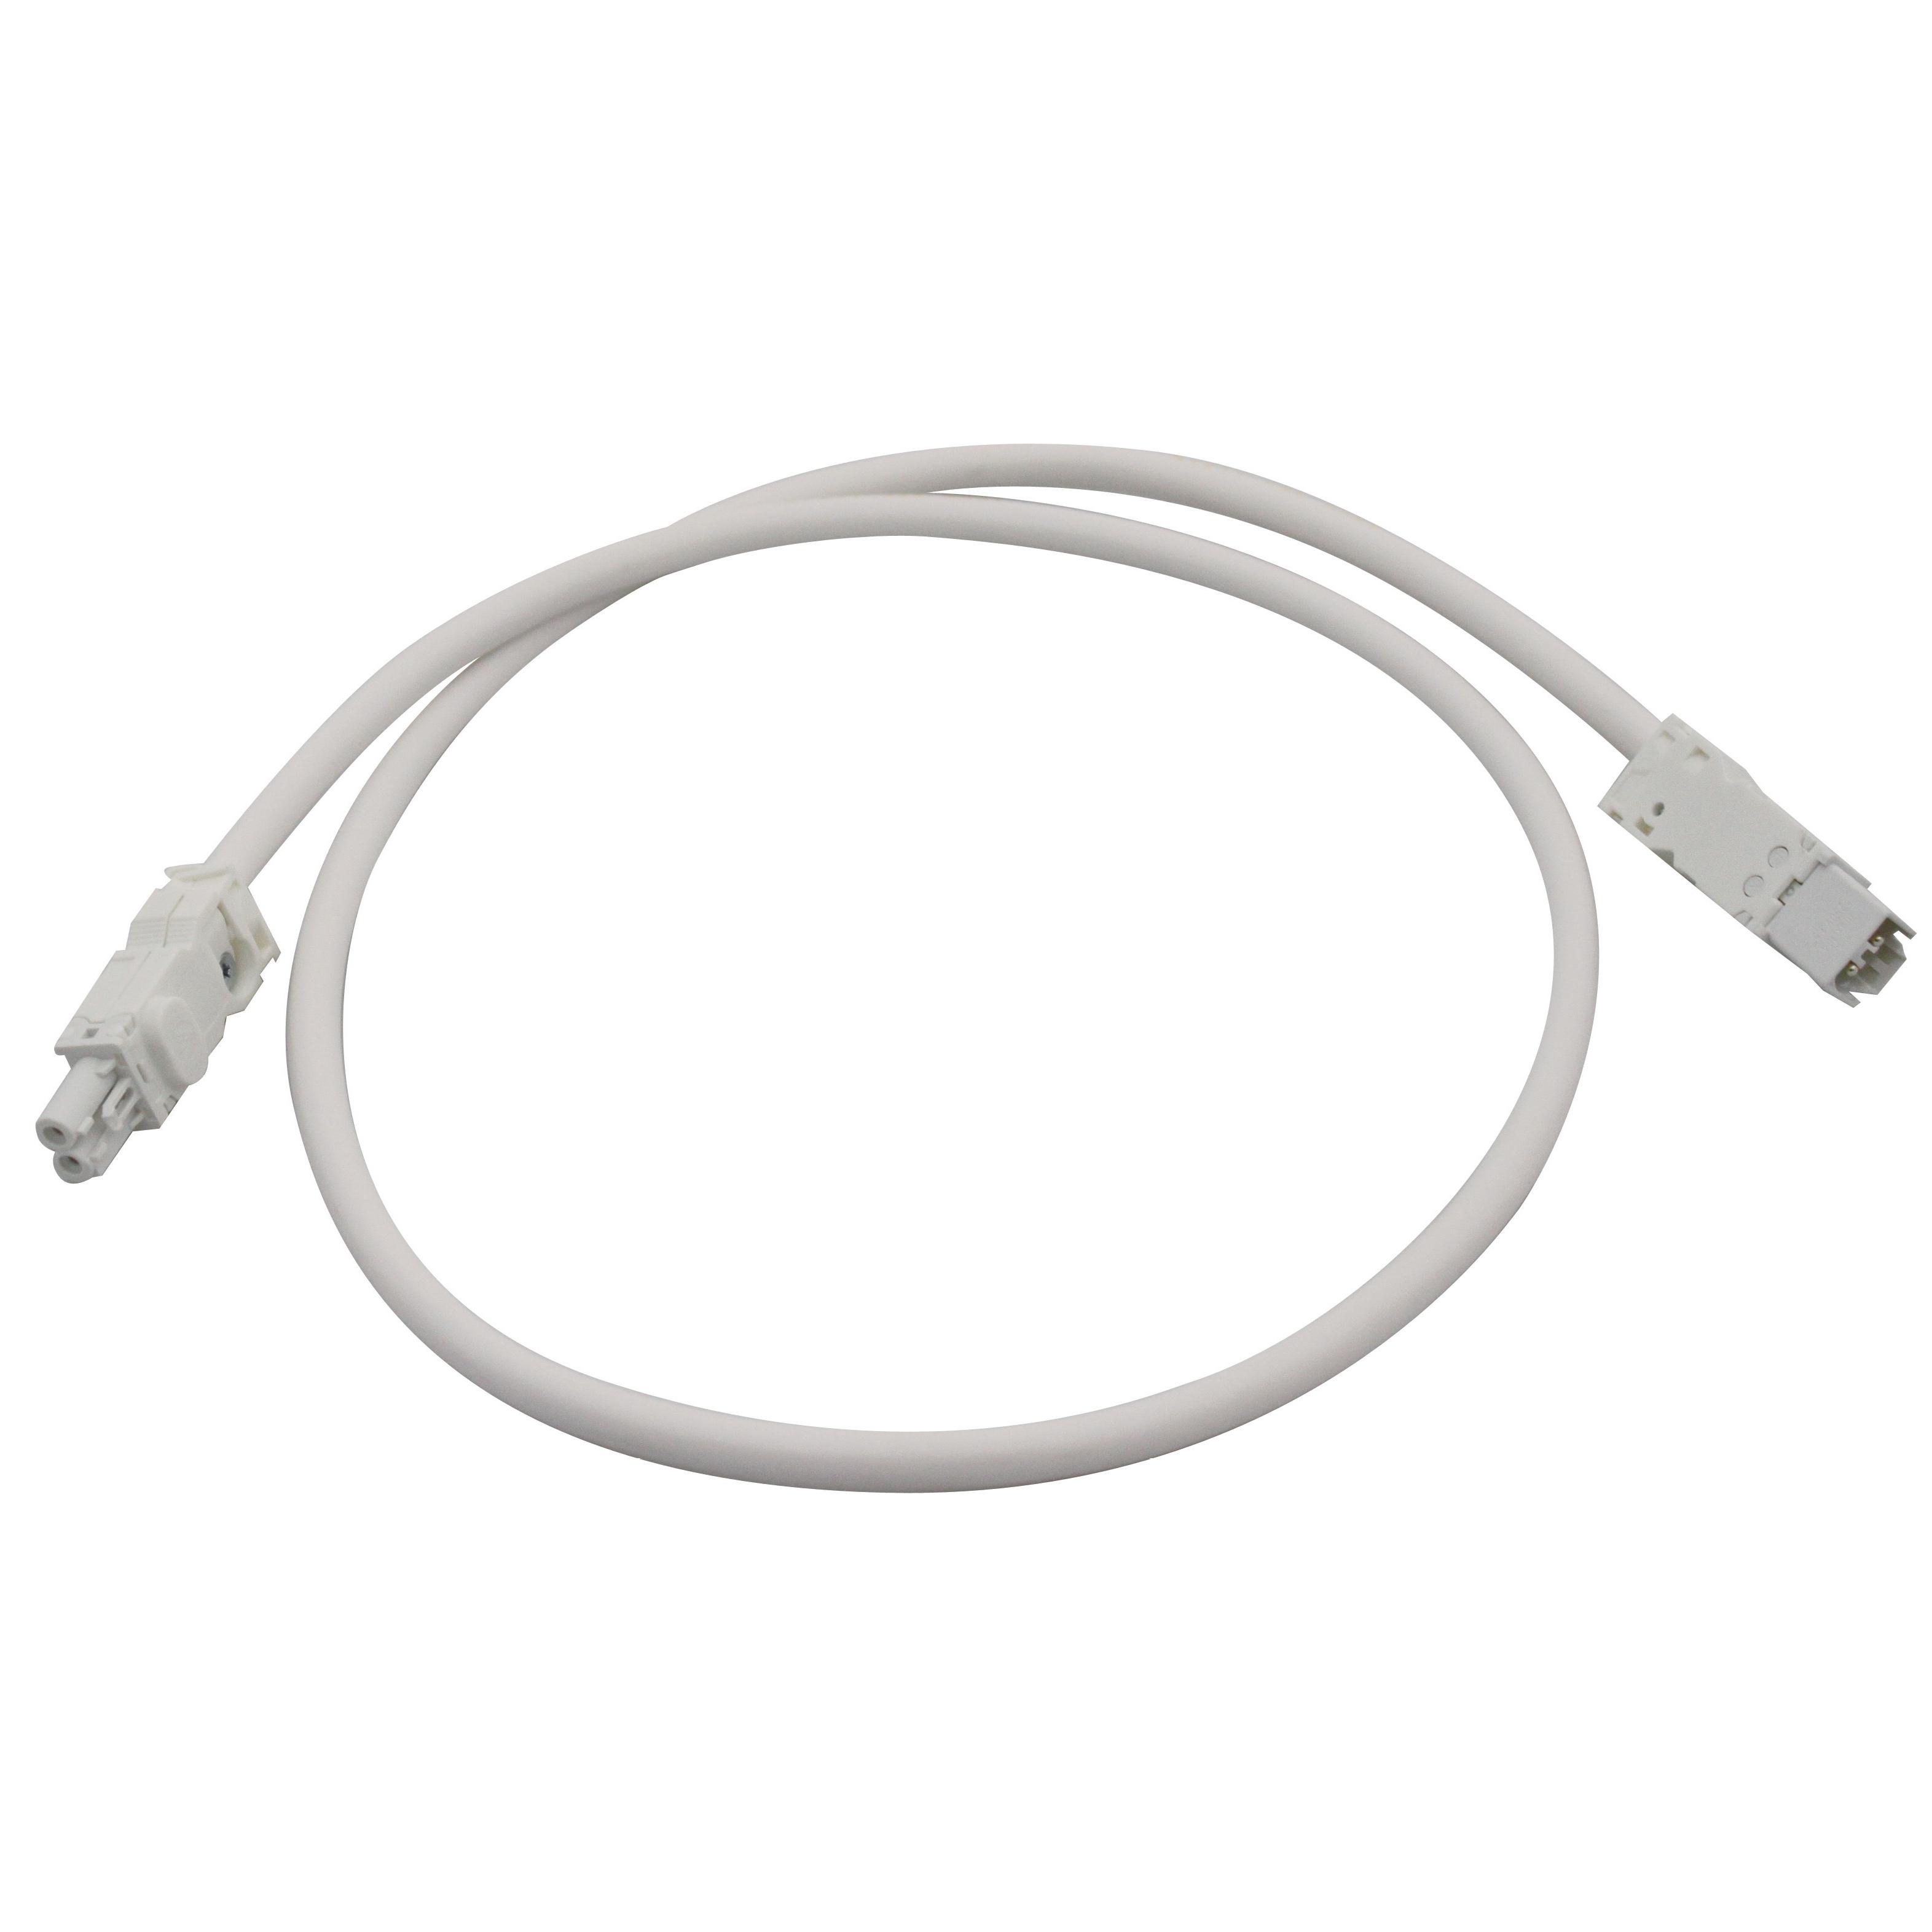 1 Stk Verlängerungsleitung für IU008523, 2x1,5mm², Länge 1m, weiß IU008525--